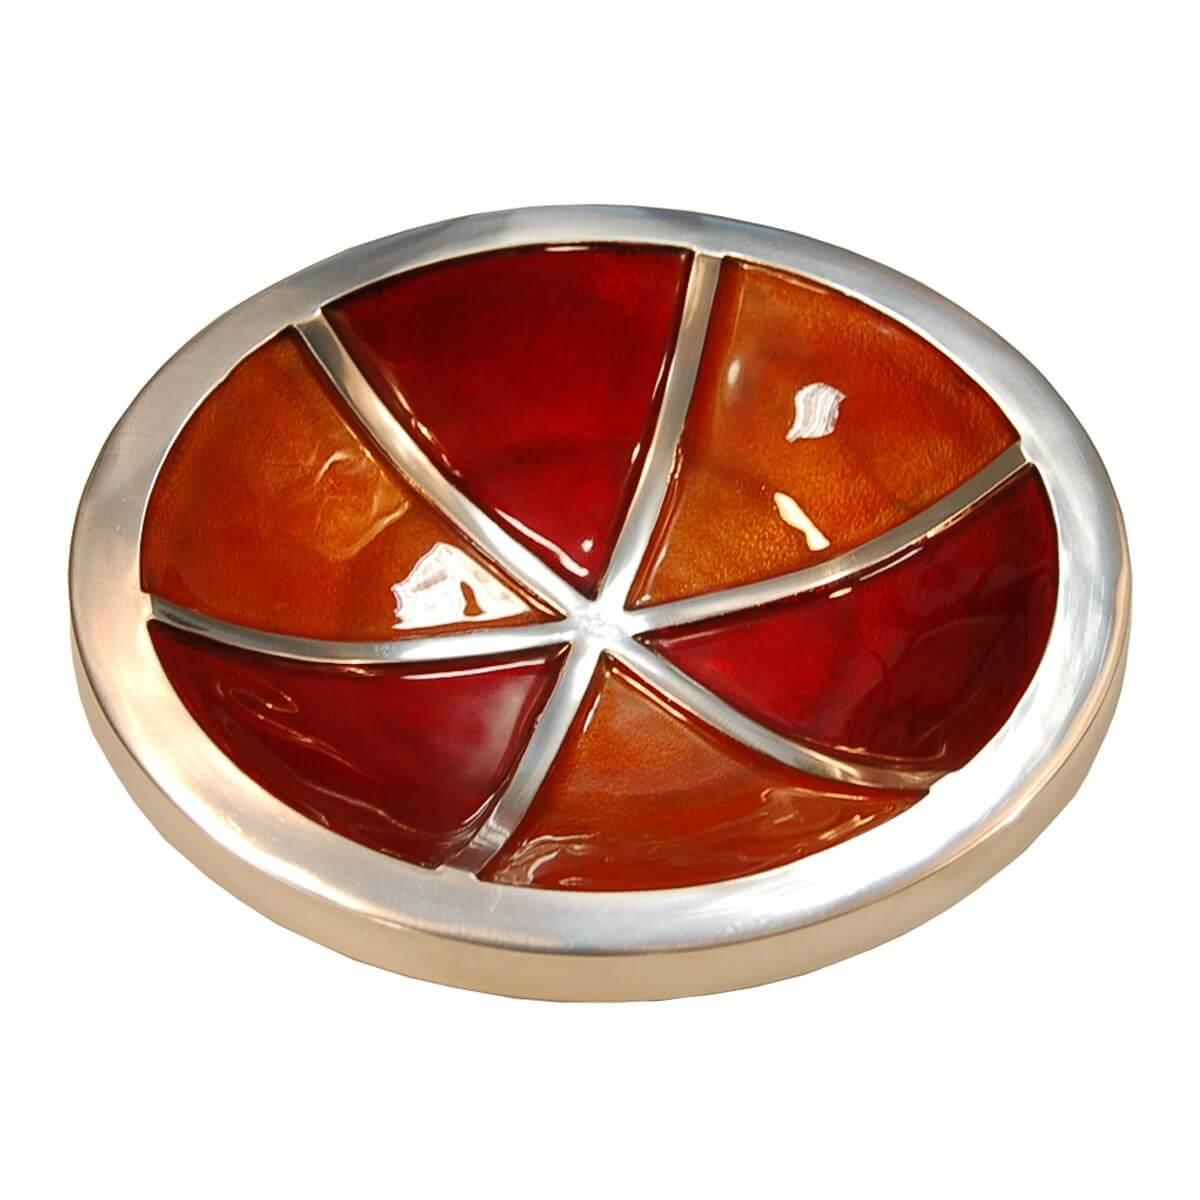 Schale rot orange m bel24 for Moebel24 shop